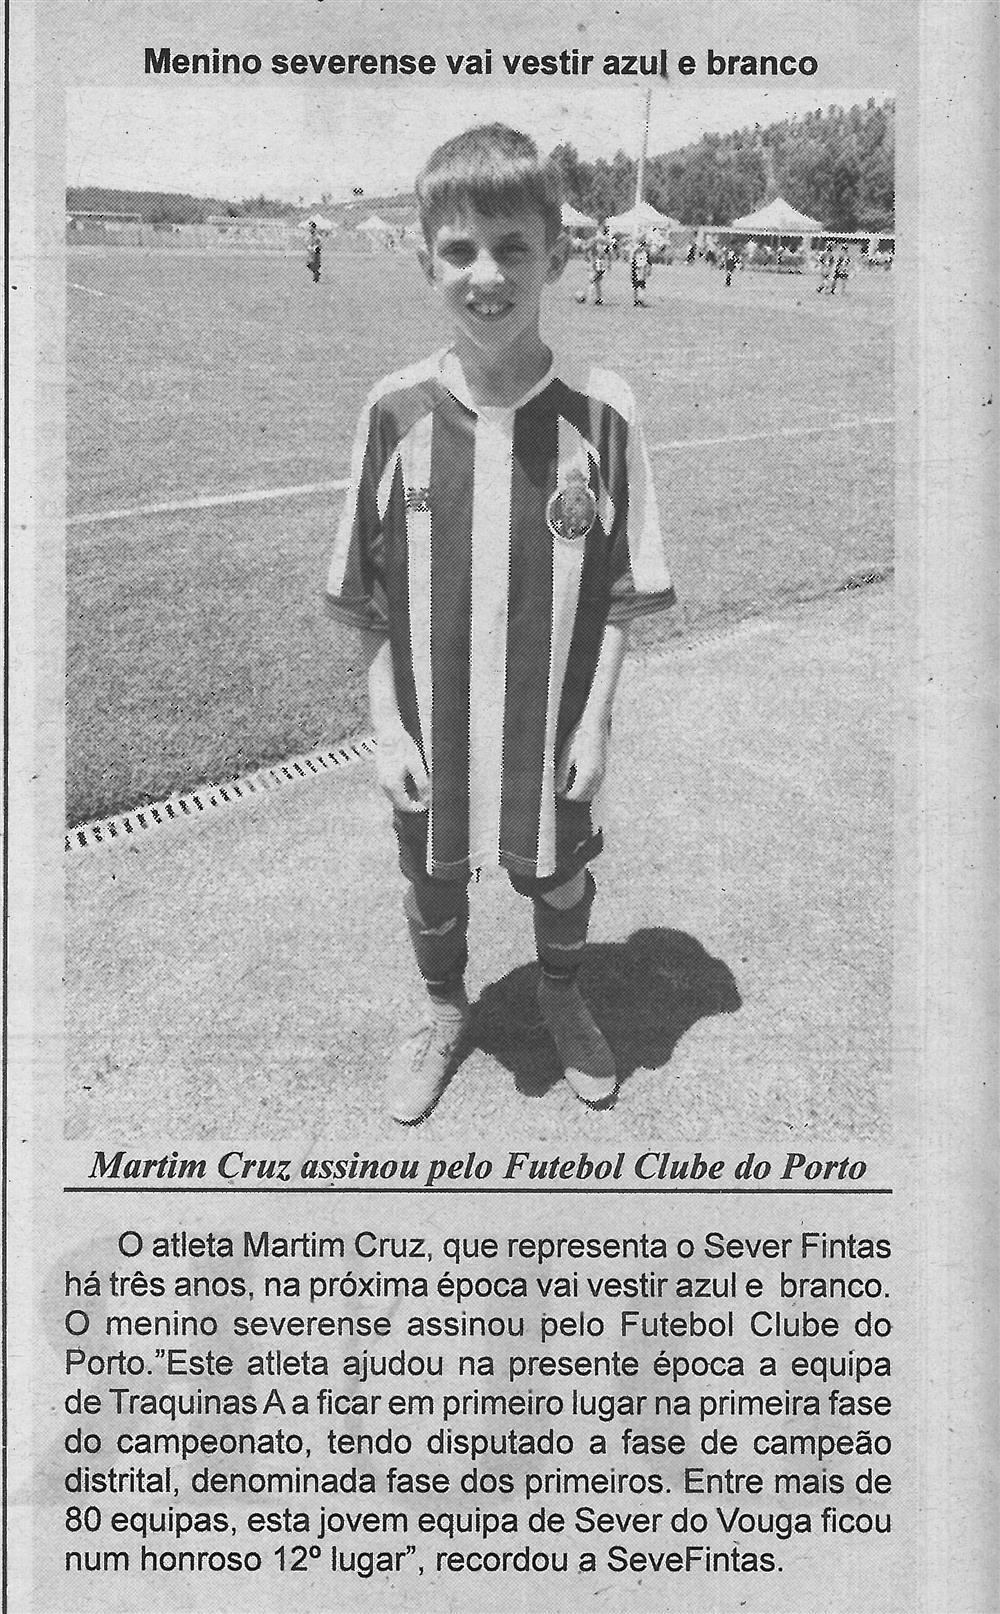 BV-1.ªago.'18-p.10-Menino severense vai vestir azul e branco : Martim Cruz assinou pelo Futebol Clube do Porto.jpg